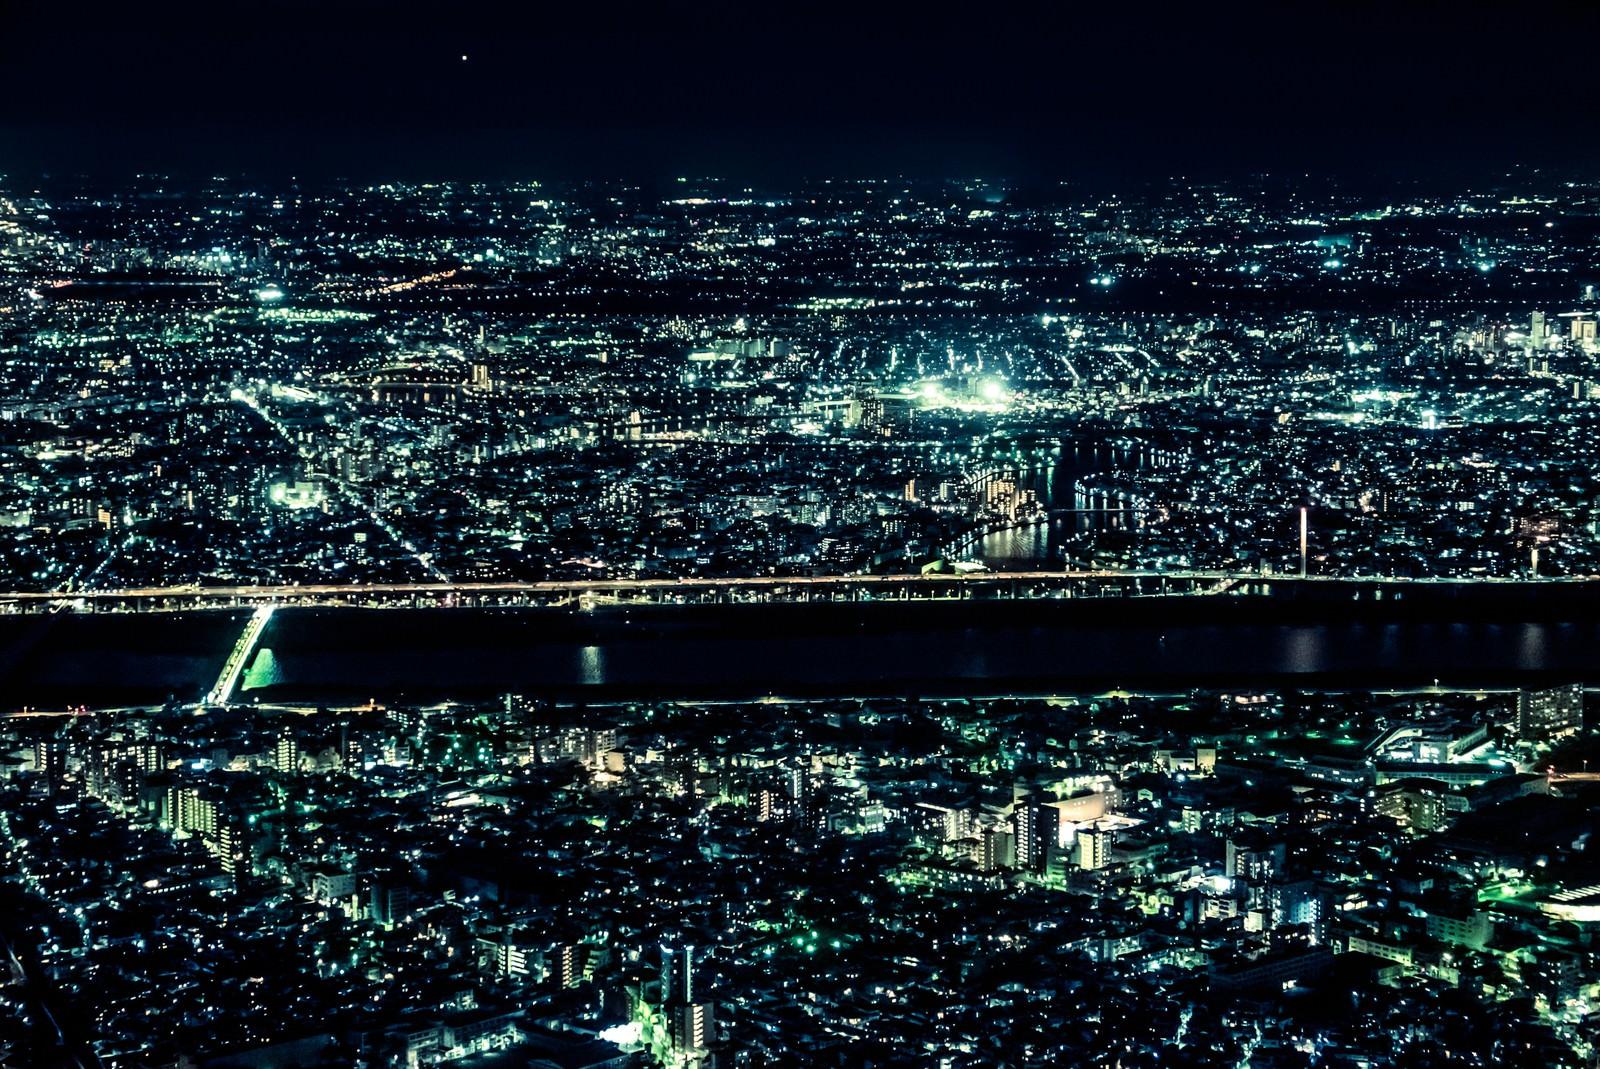 「光り輝く都会の夜景」の写真